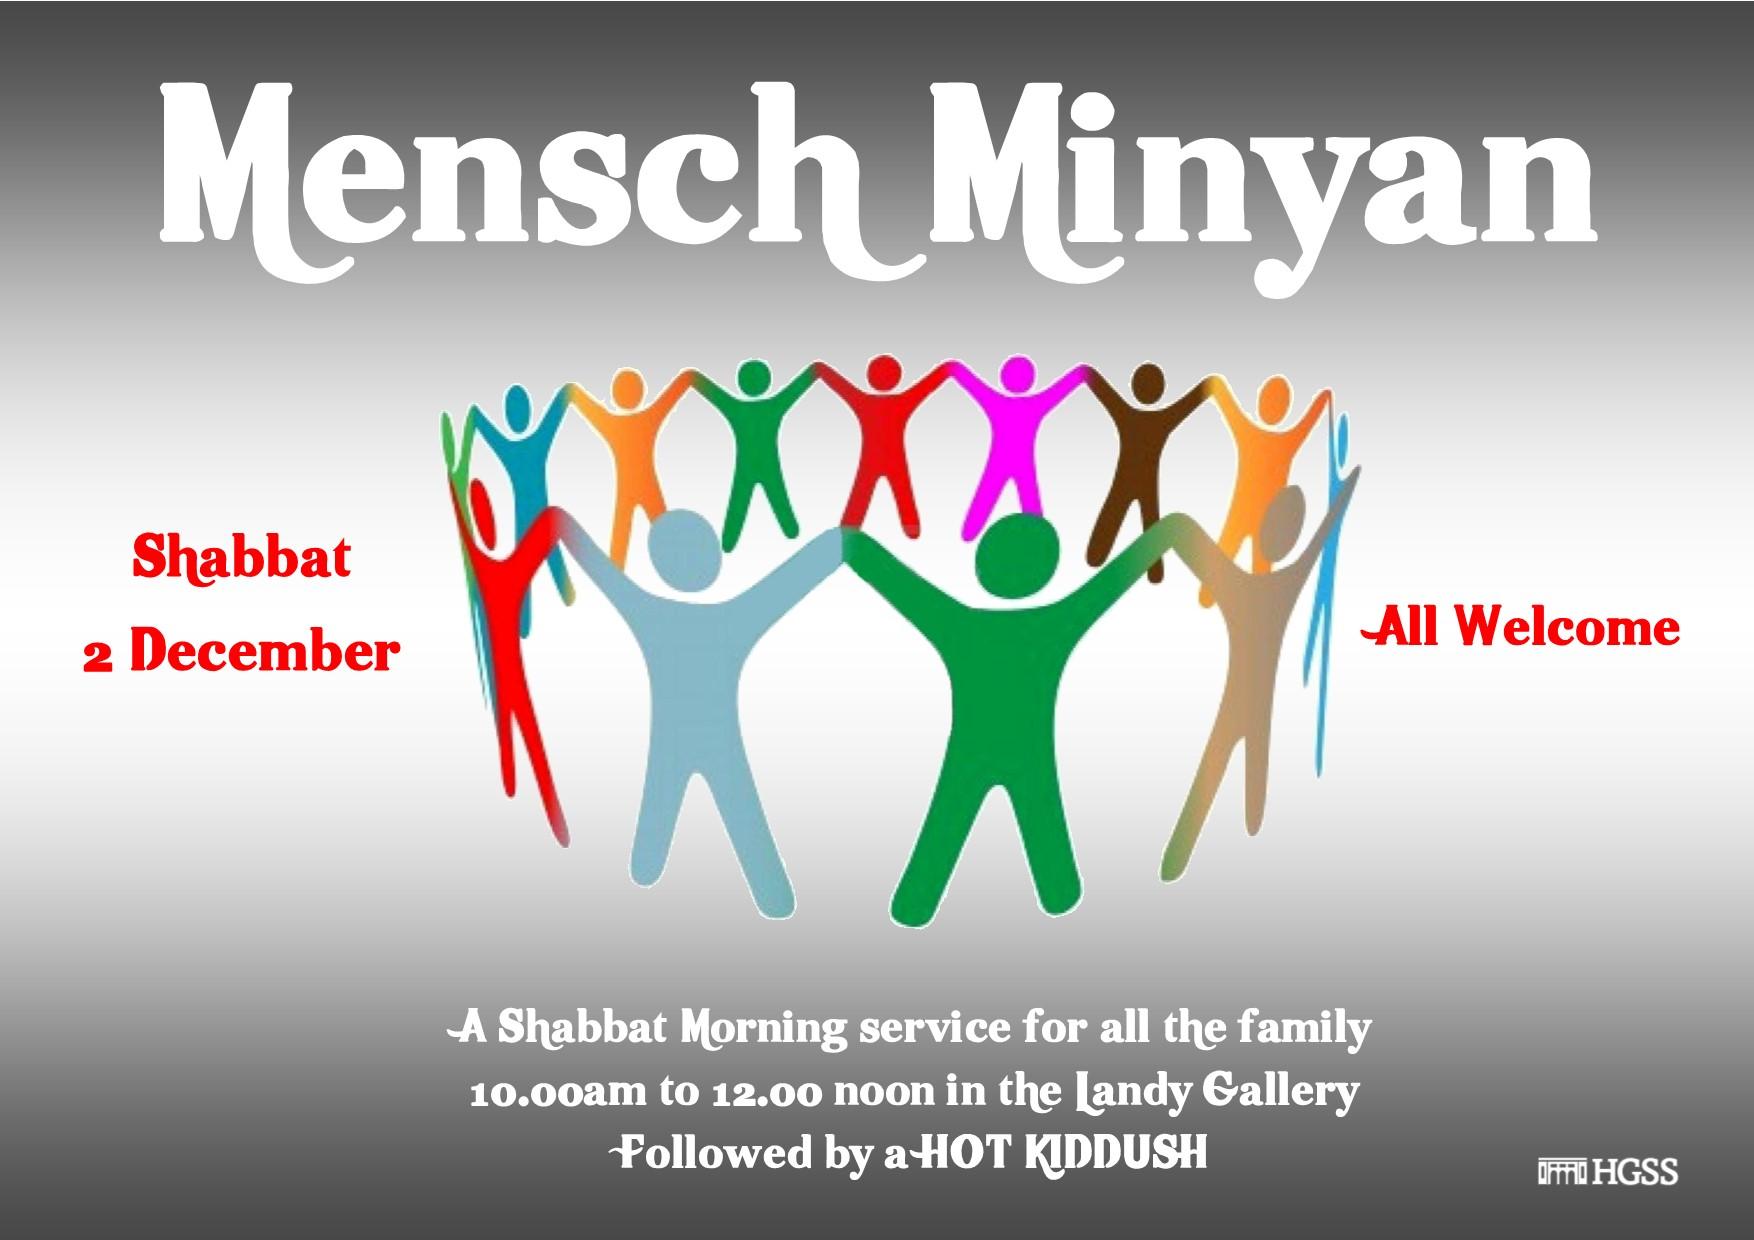 Mensch Minyan @ The Landy Gallery